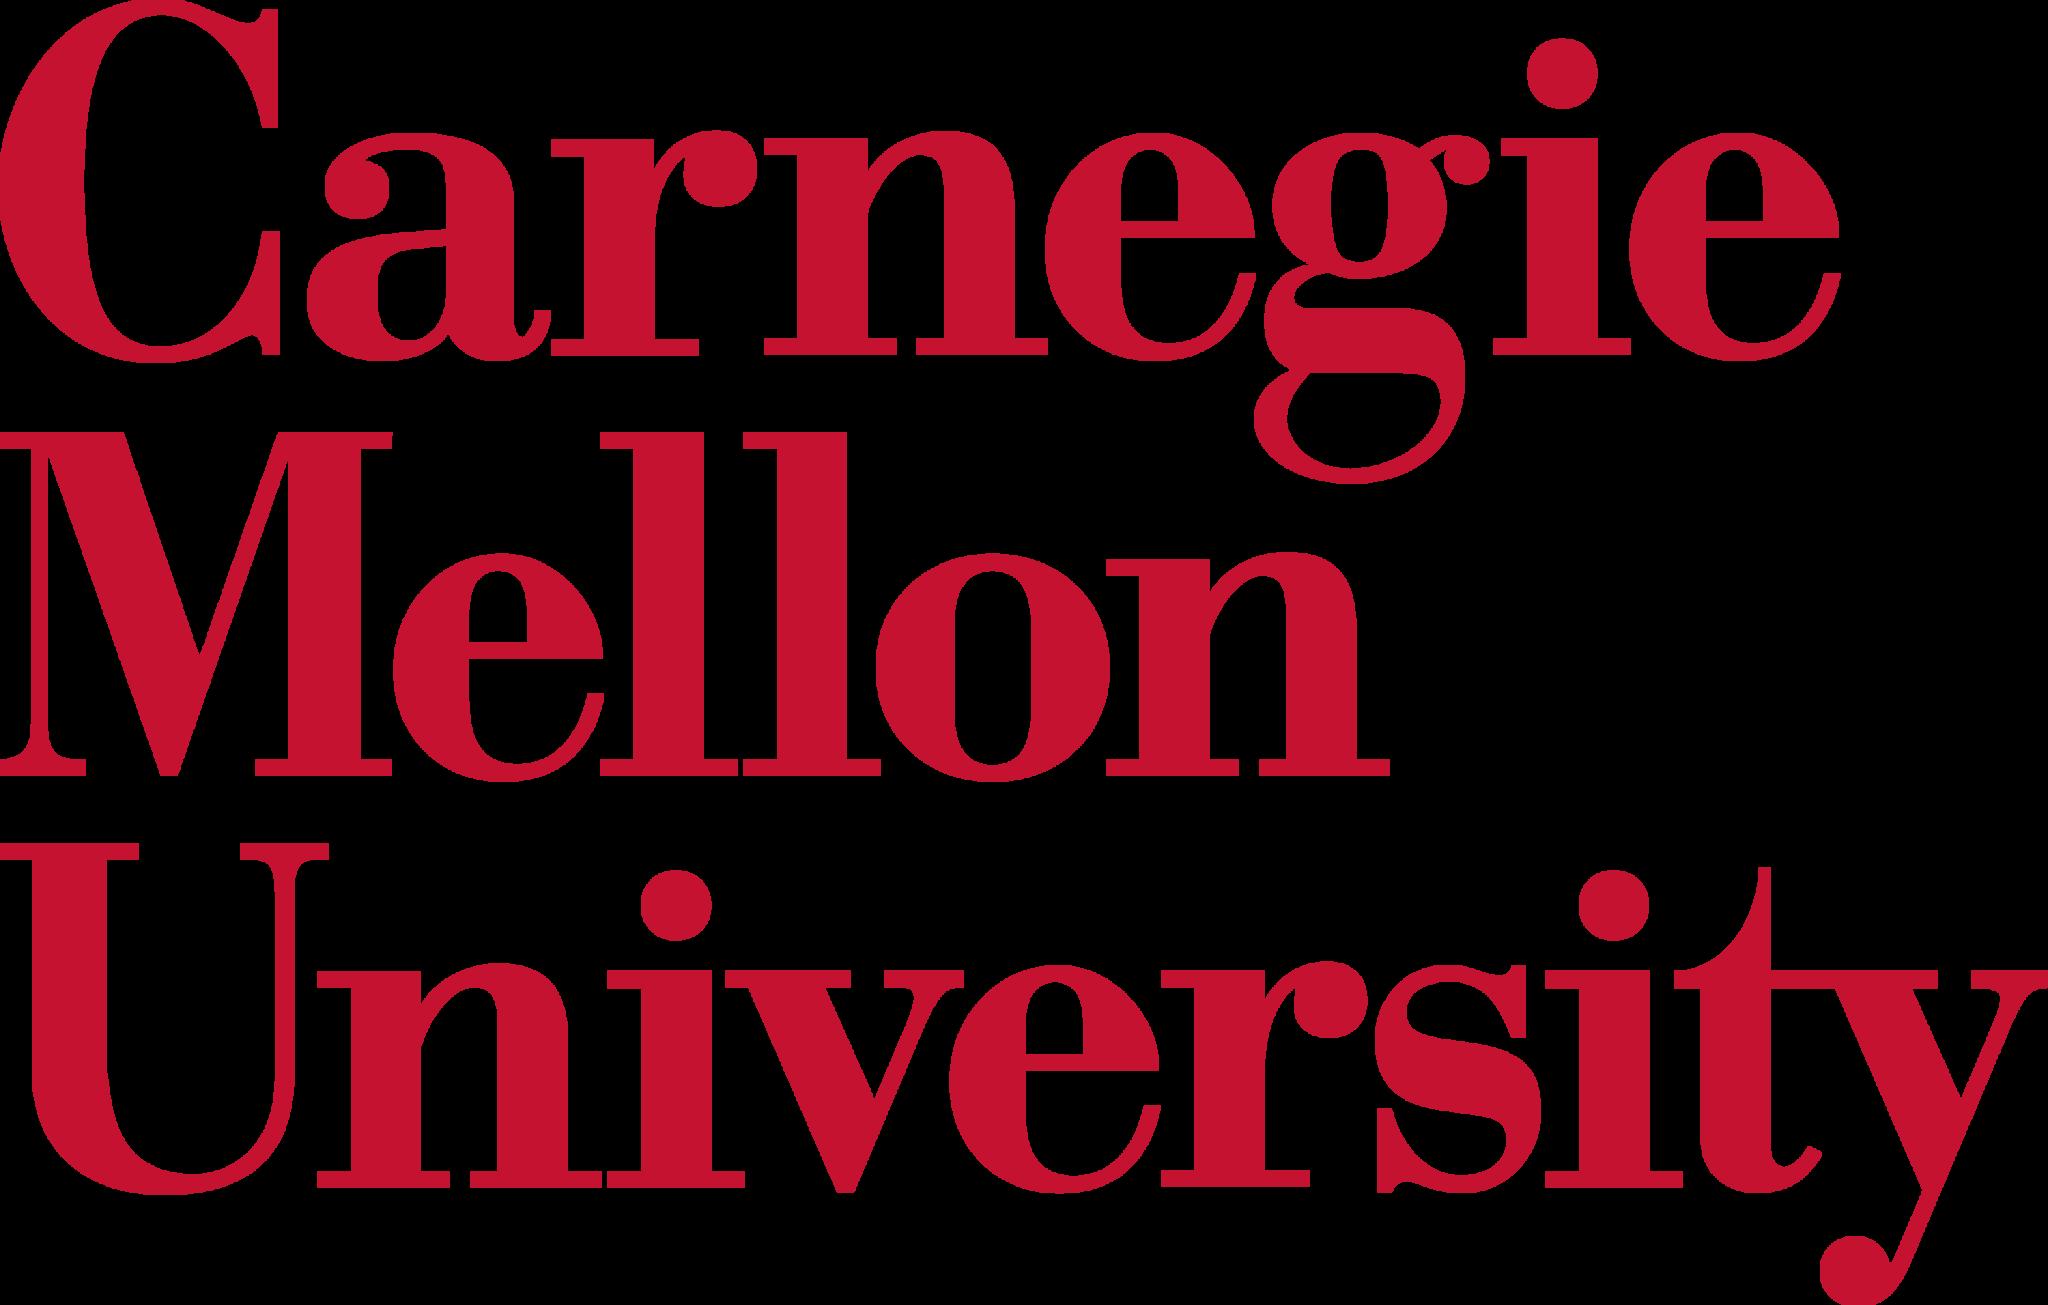 carnegie mellon university supports copilot